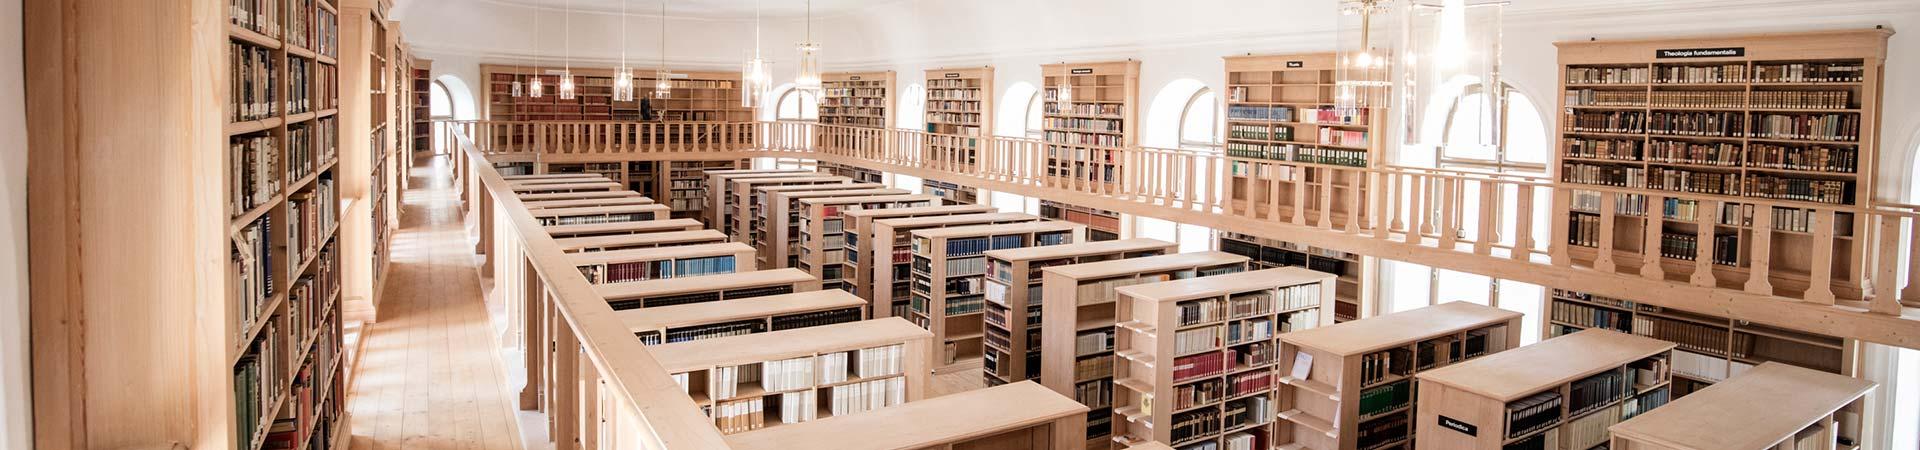 bibliothek-kloster-ettal